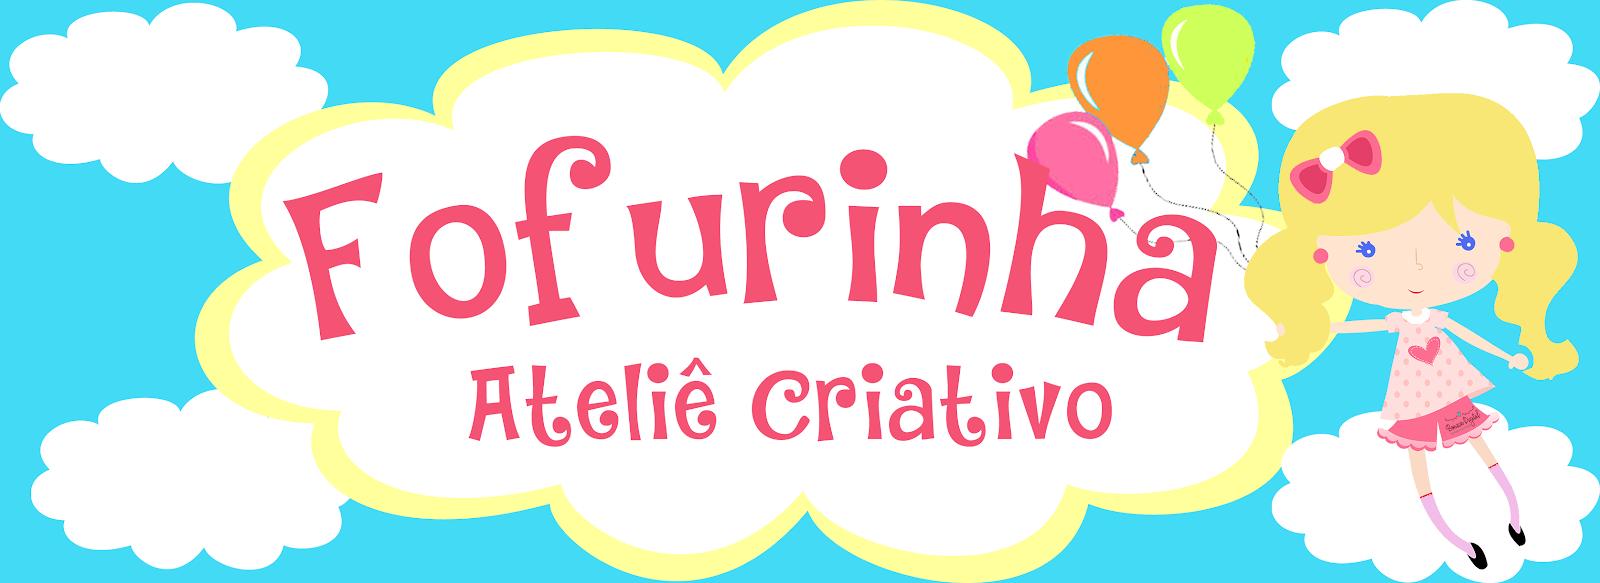 Fofurinha Ateliê Criativo